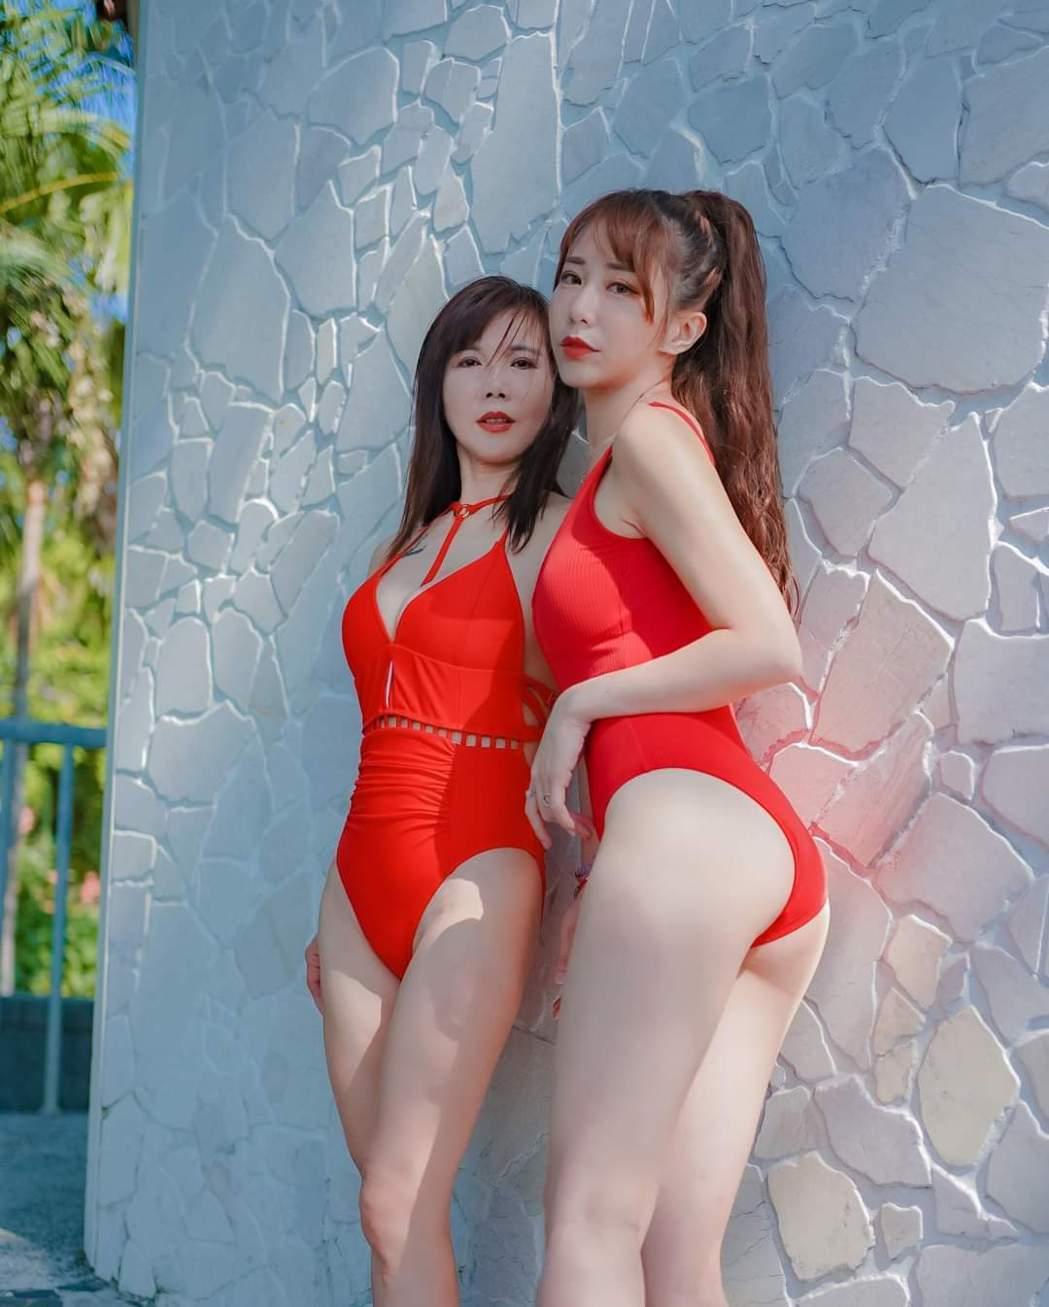 梓梓和媽媽一起穿性感泳裝。圖/摘自臉書